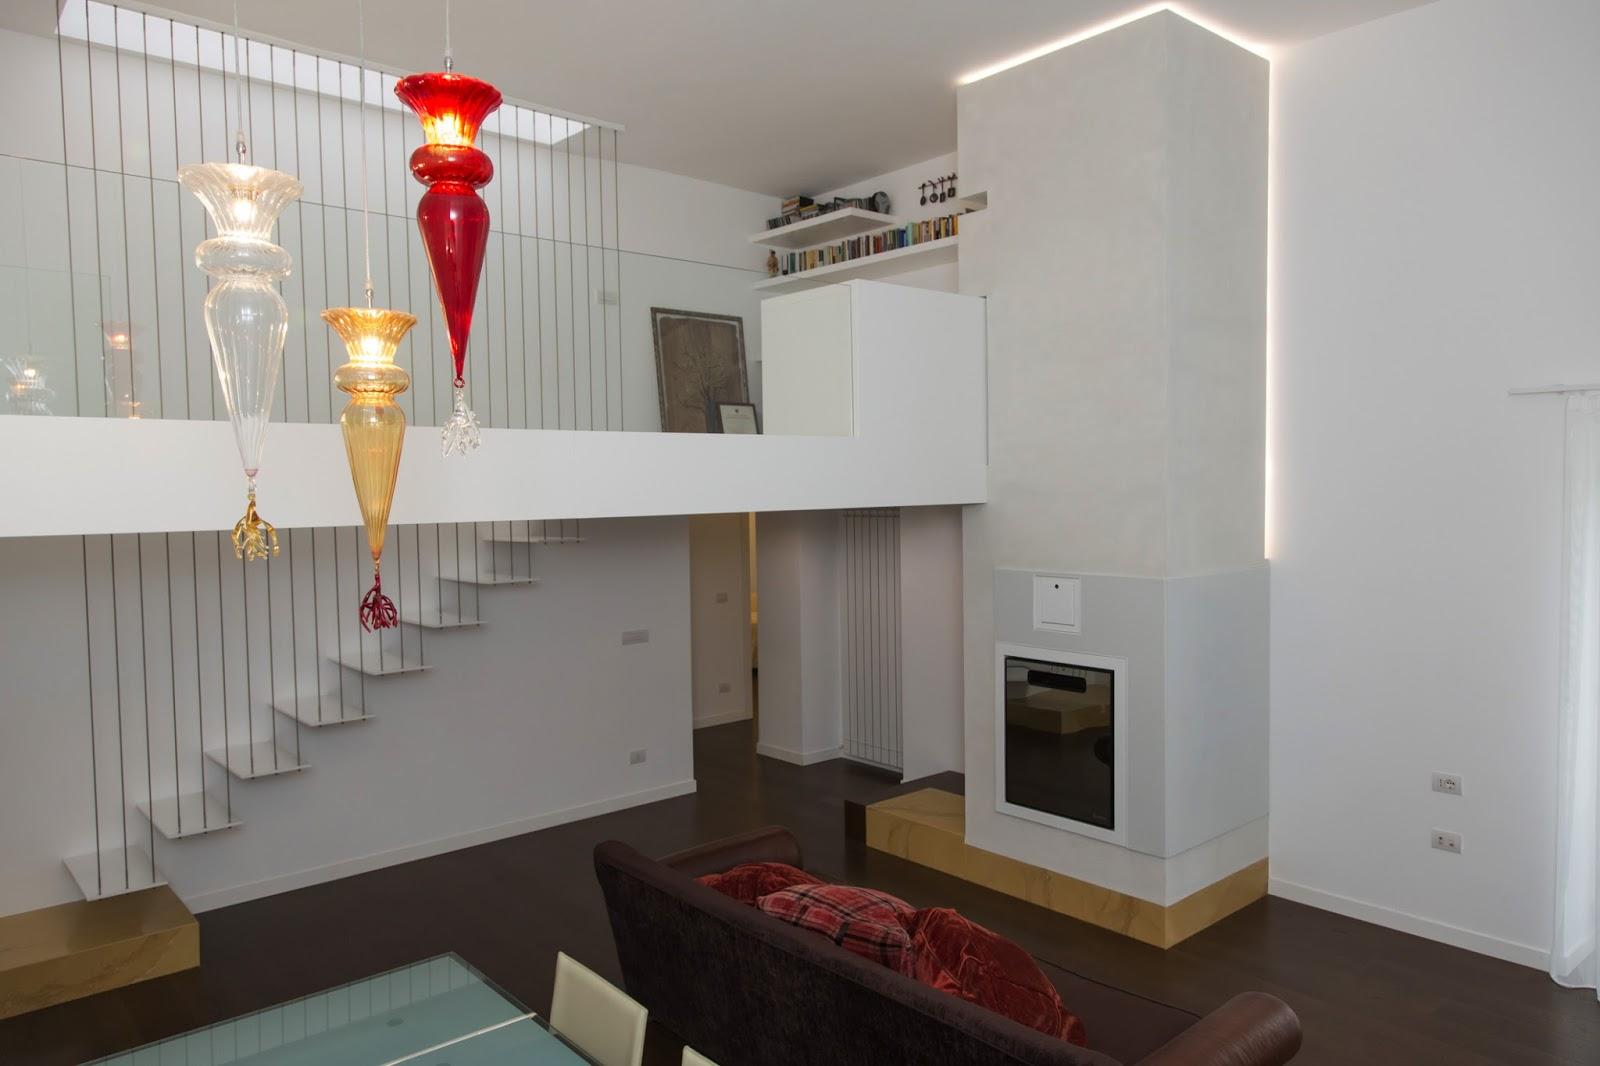 Casa ristrutturata a marigliano by estudio architettura - Cucina con soppalco ...